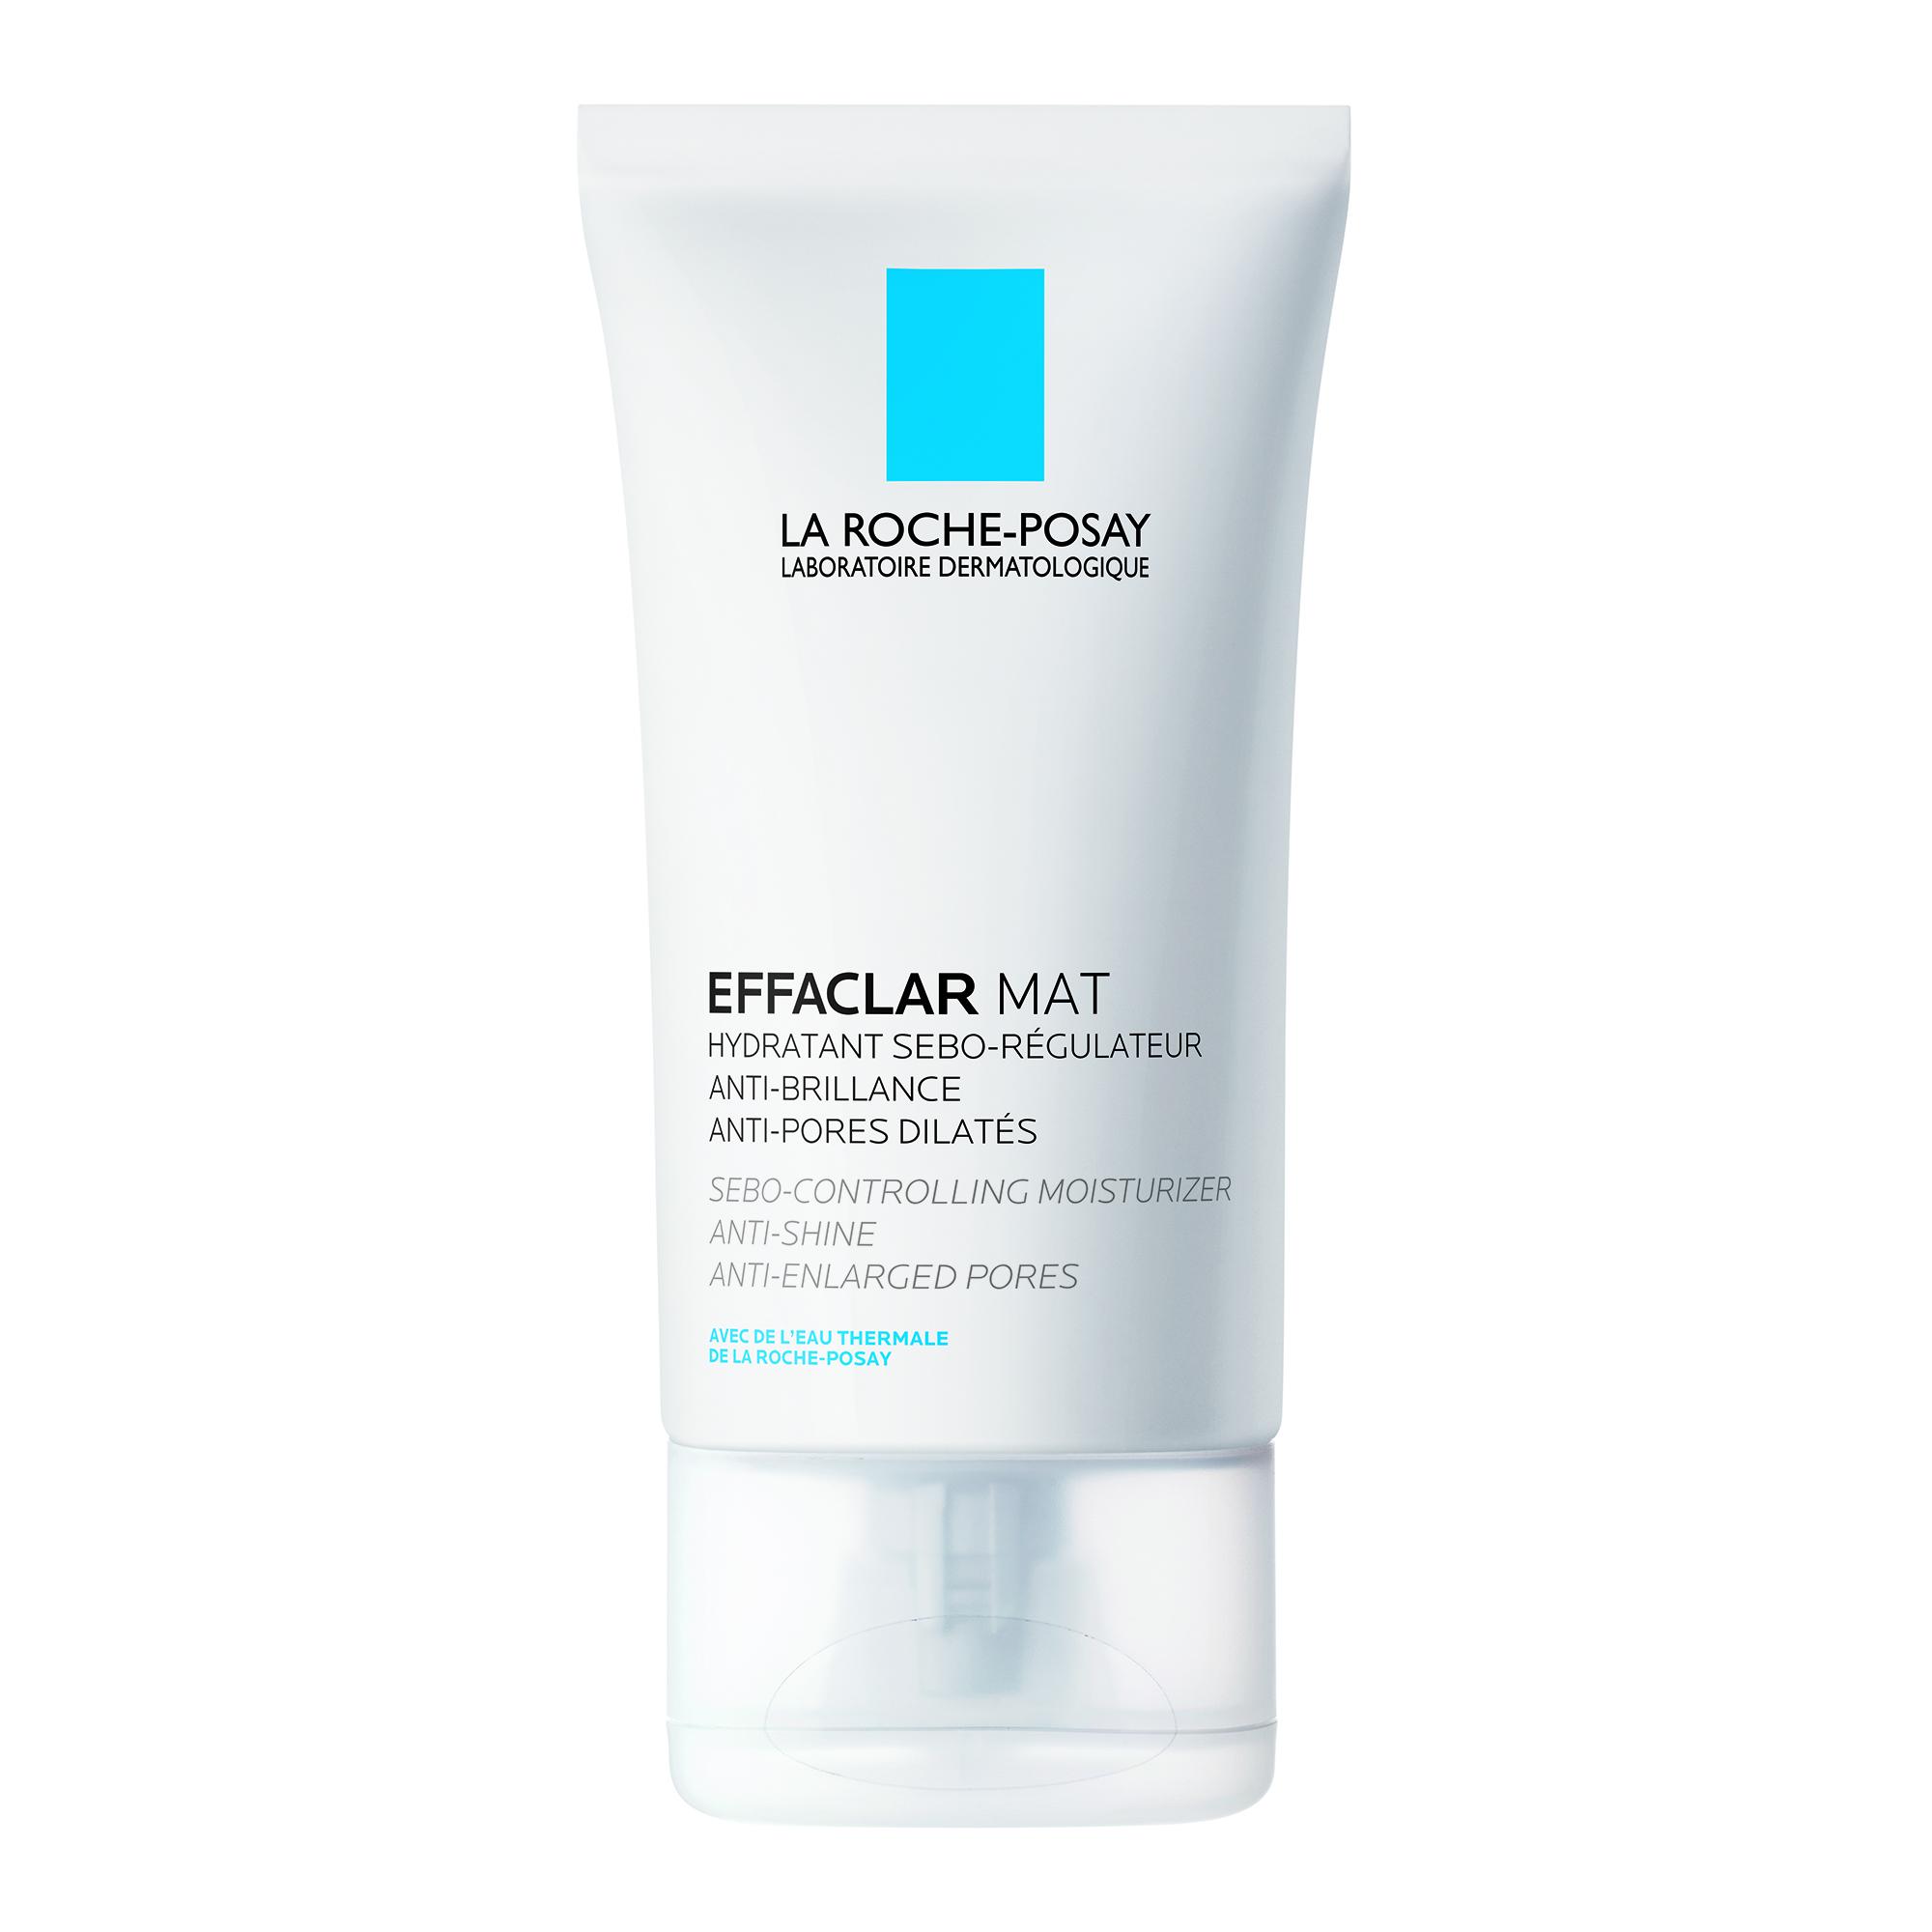 Новый продукт La Roche Posay для комплексного ухода за жирной и проблемной кожей